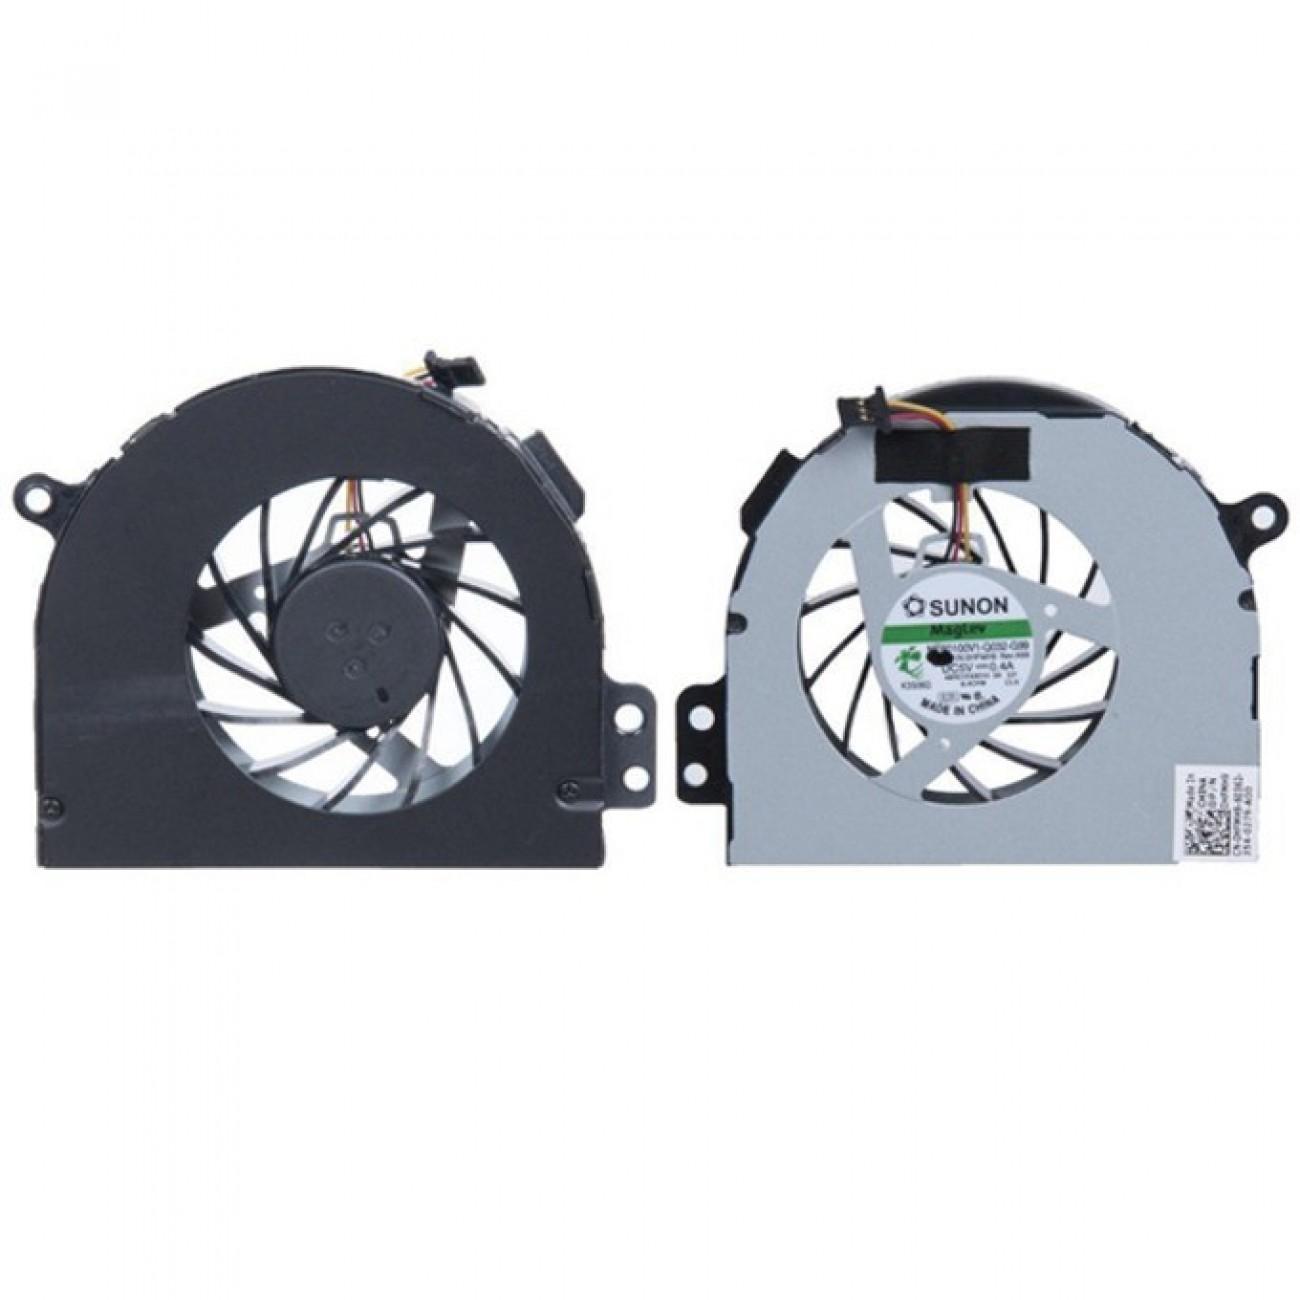 Вентилатор за лаптоп, съвместим с Dell Inspiron N4110 M4110 N4120 Vostro 3450 в Резервни части -  | Alleop